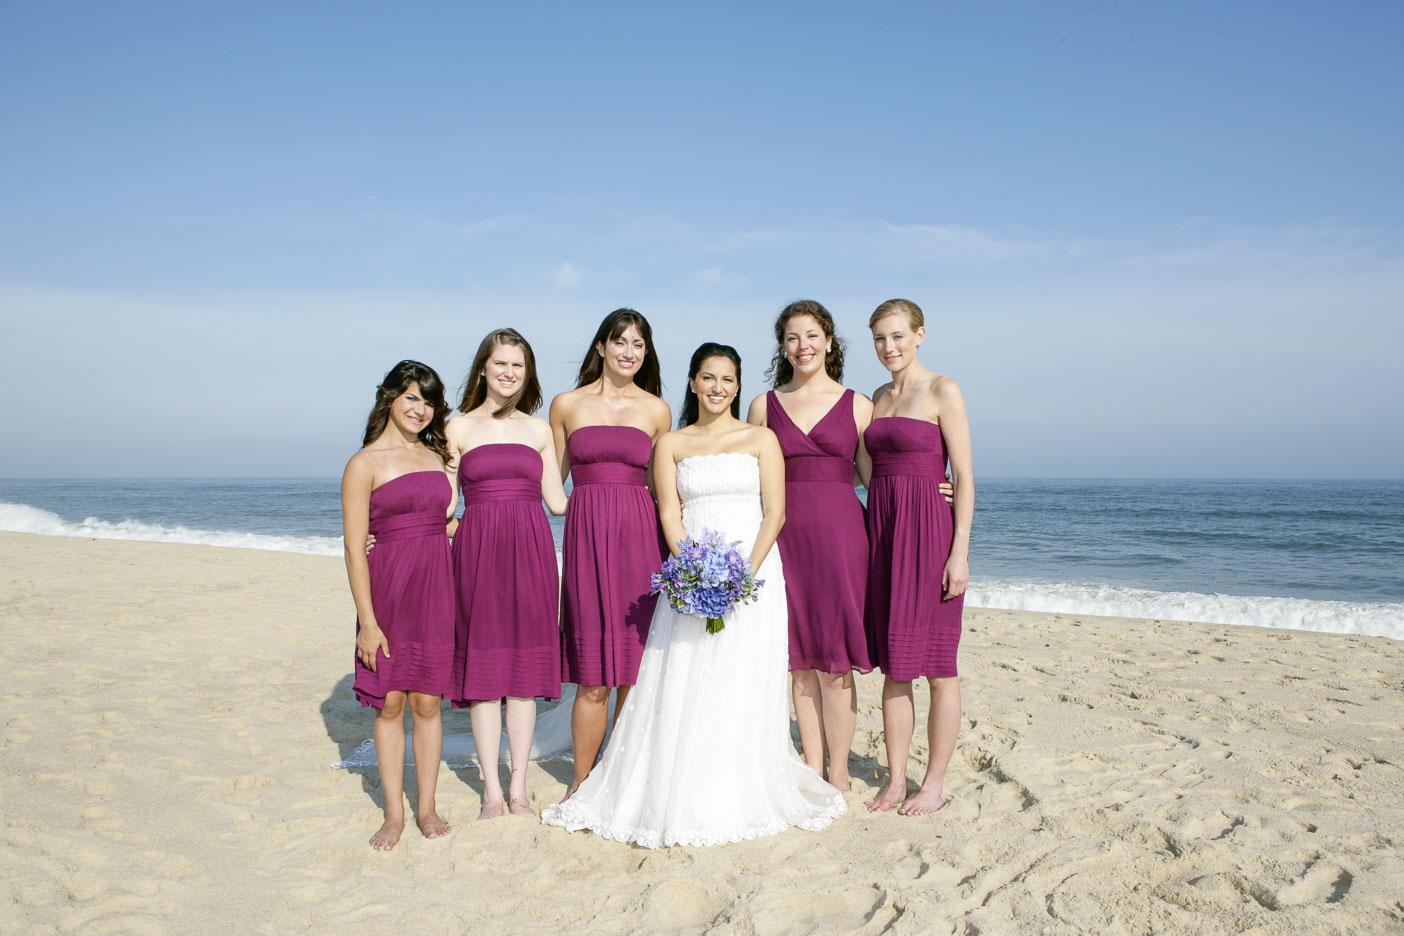 Hamptons-wedding-beach-18.jpg